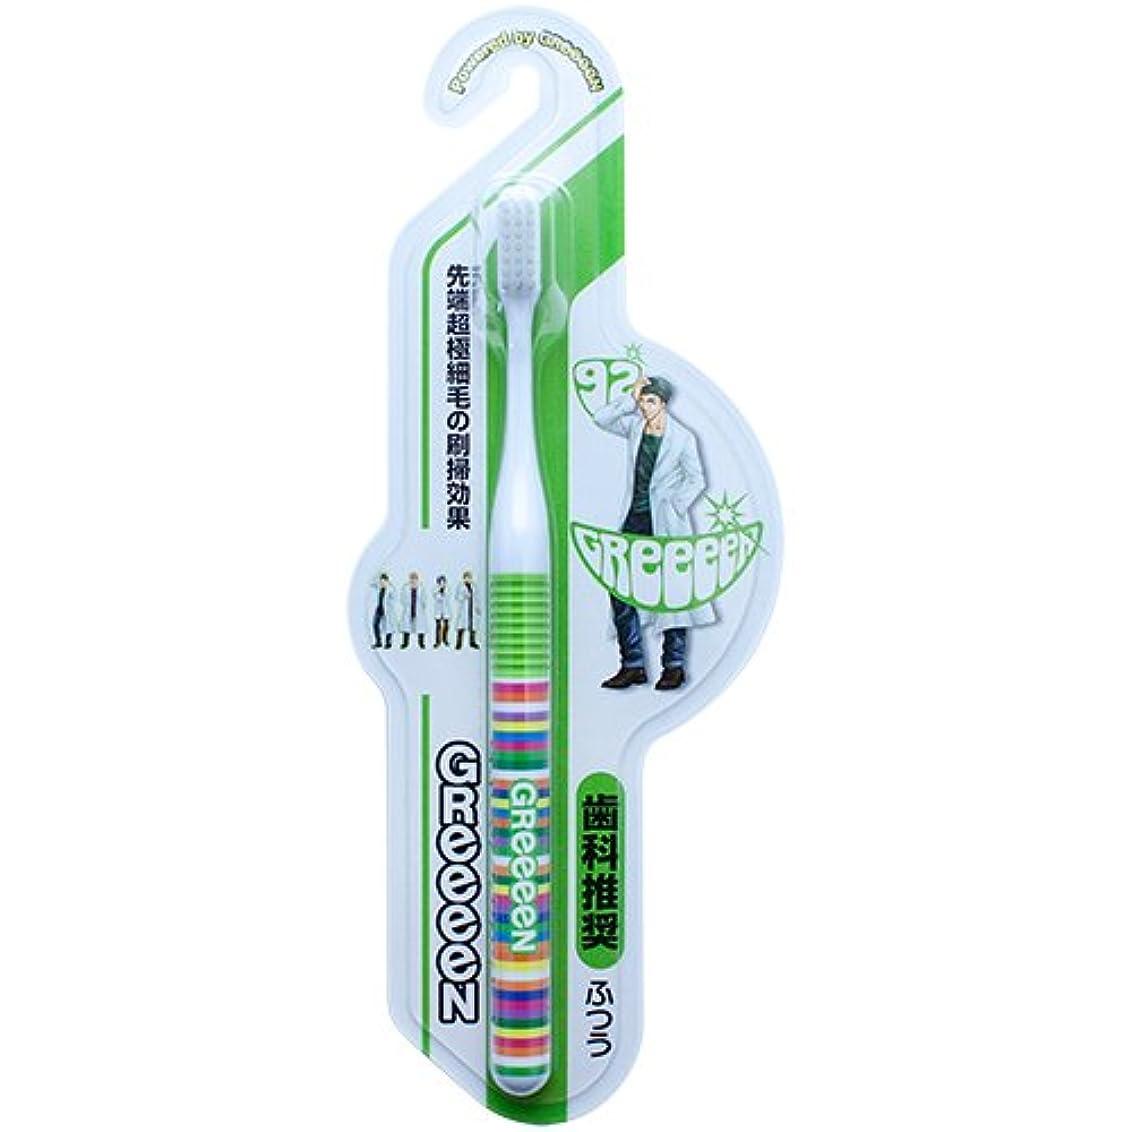 哲学博士アラブ人ホイッスルGReeeeN 3列ヘッドラバーグリップ超極細毛歯ブラシ SIRO 92 1本